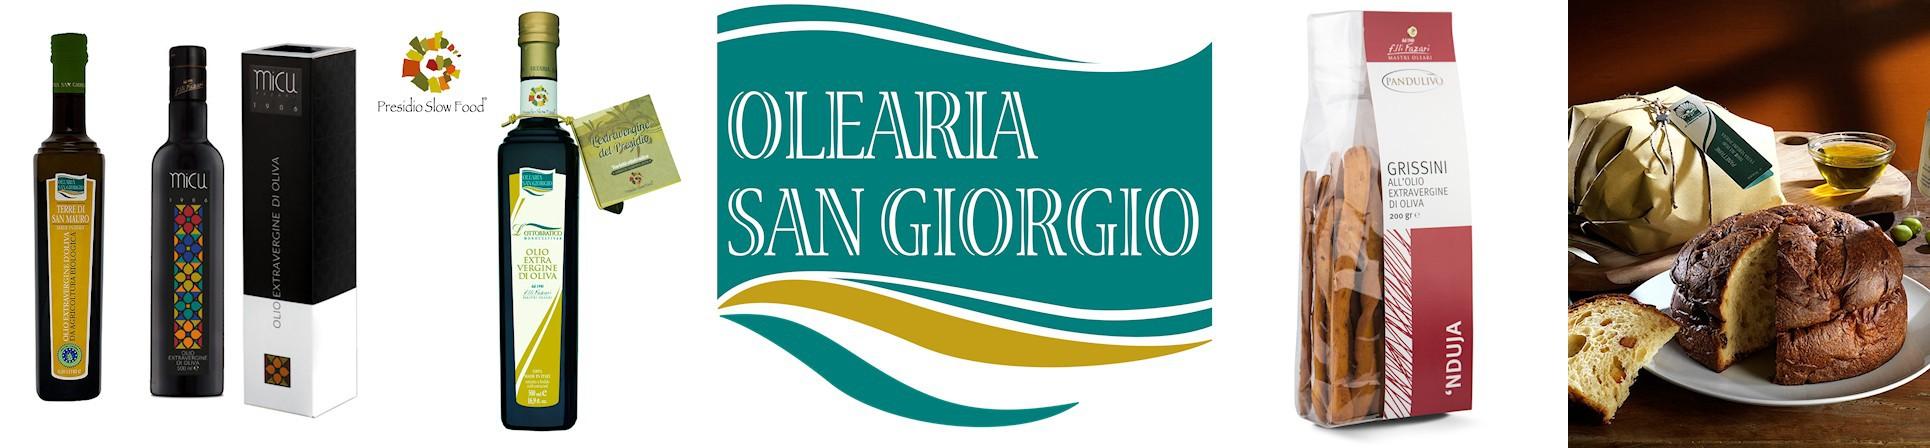 B2B GUSTOX - il Marketplace all'ingrosso delle eccellenze agroalimentari italiane - Olearia San Giorgio